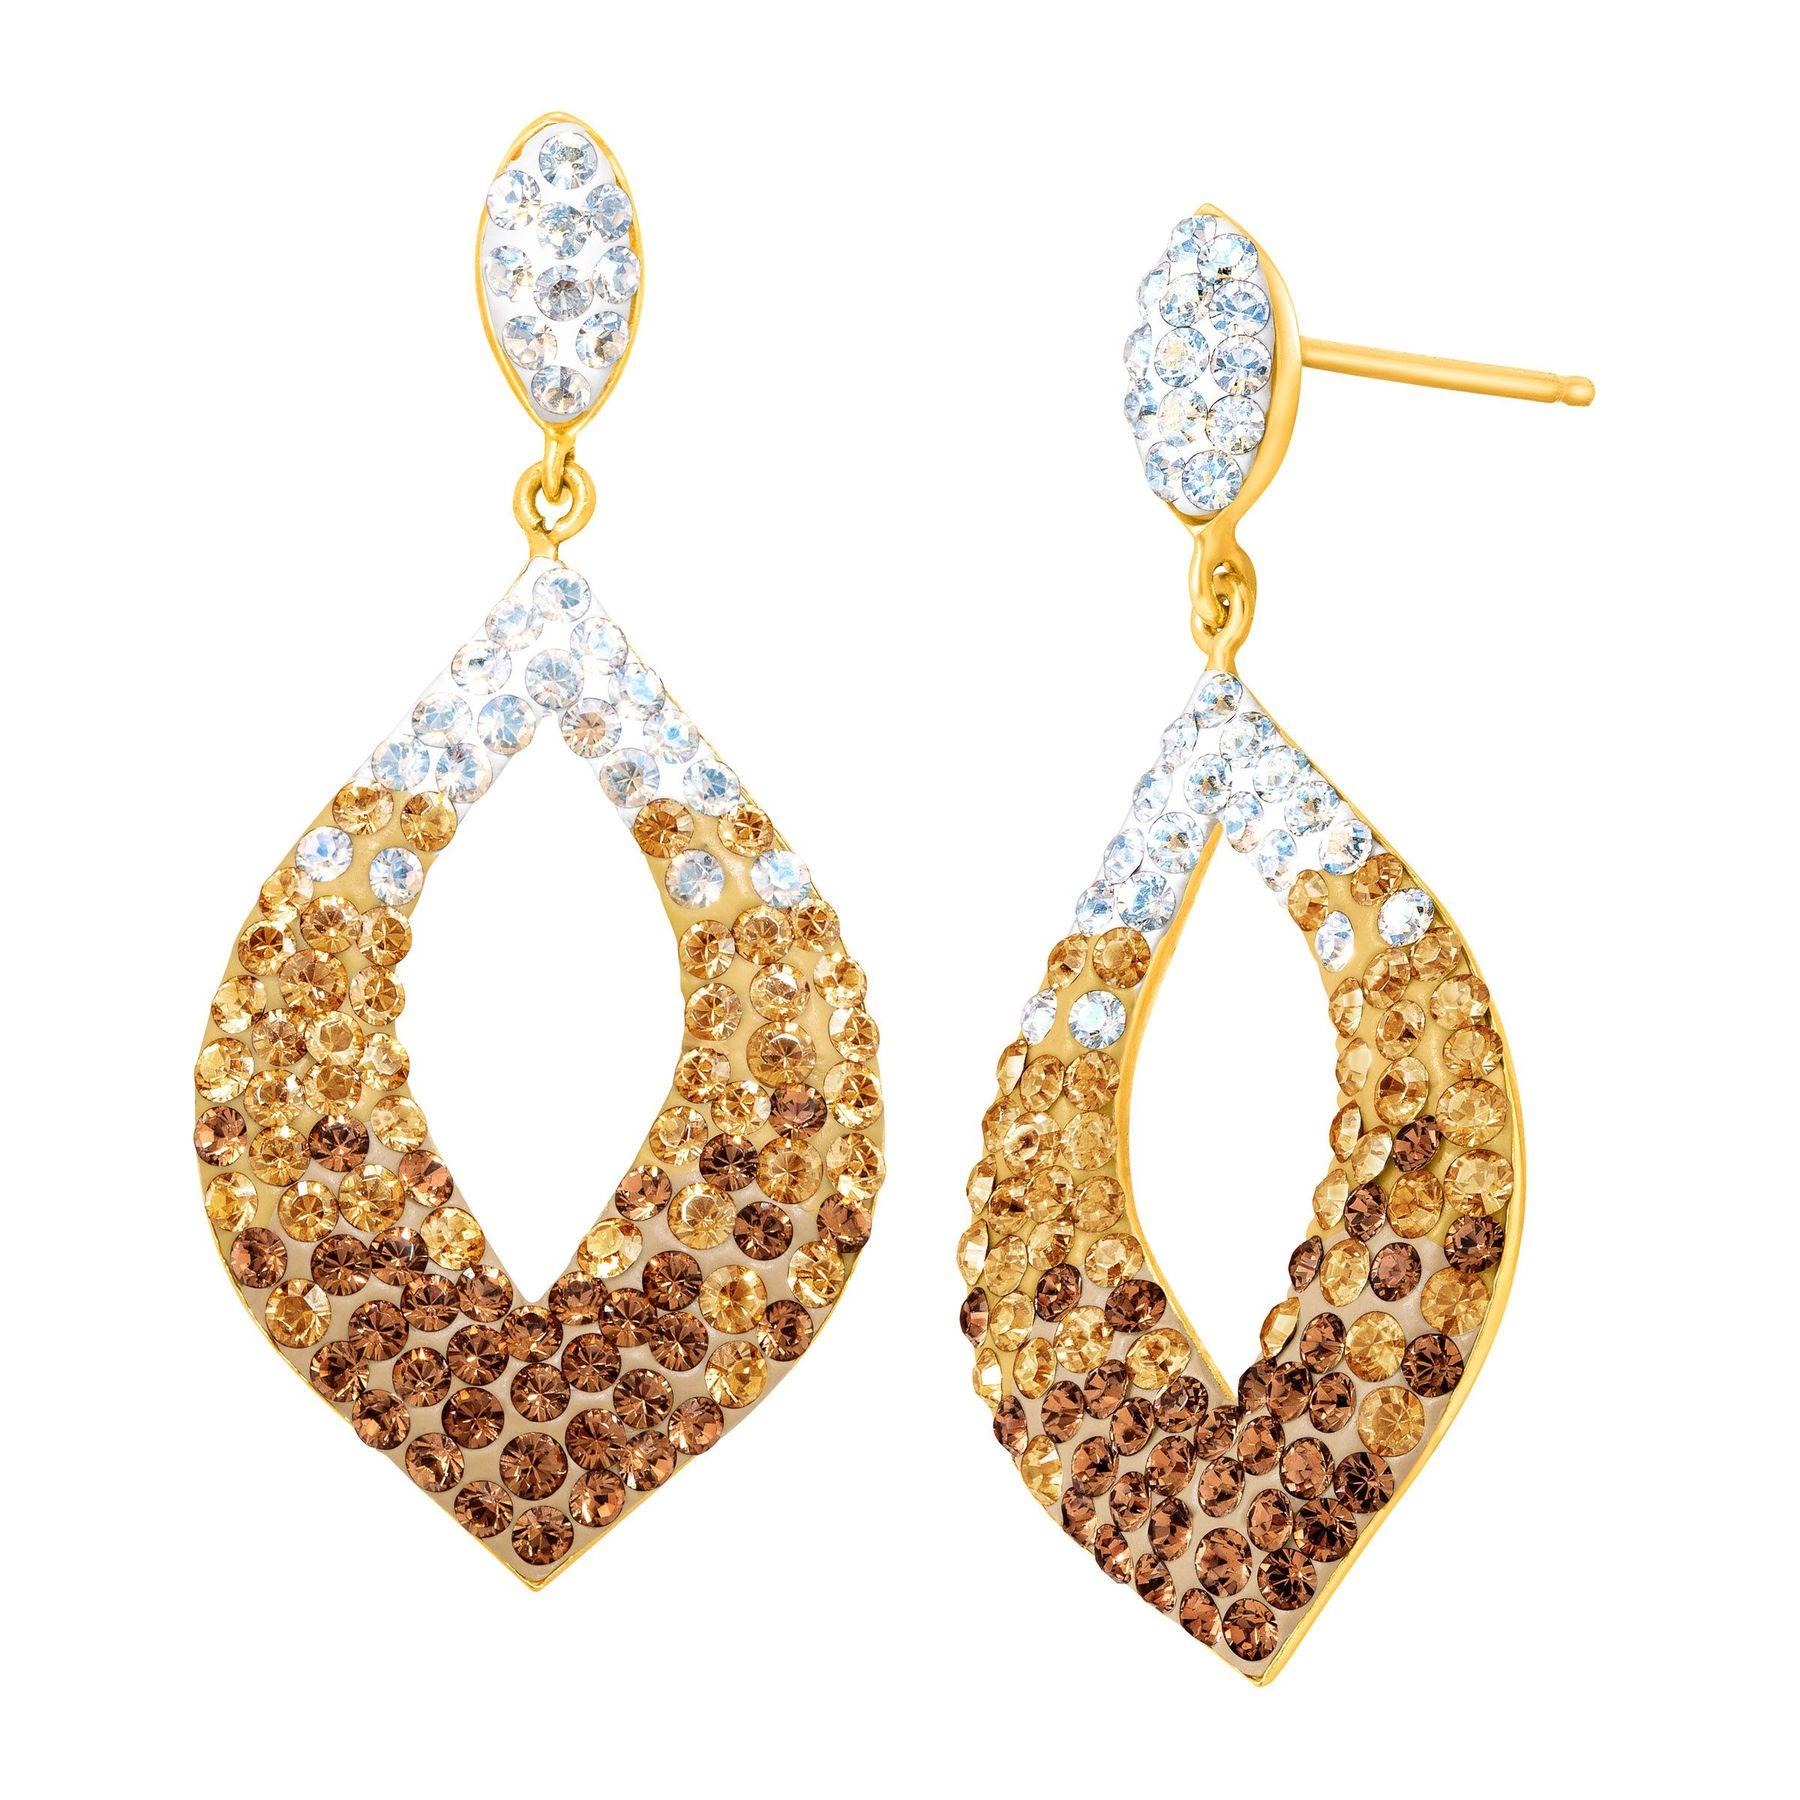 Swarovski Earrings | Jewelry.com